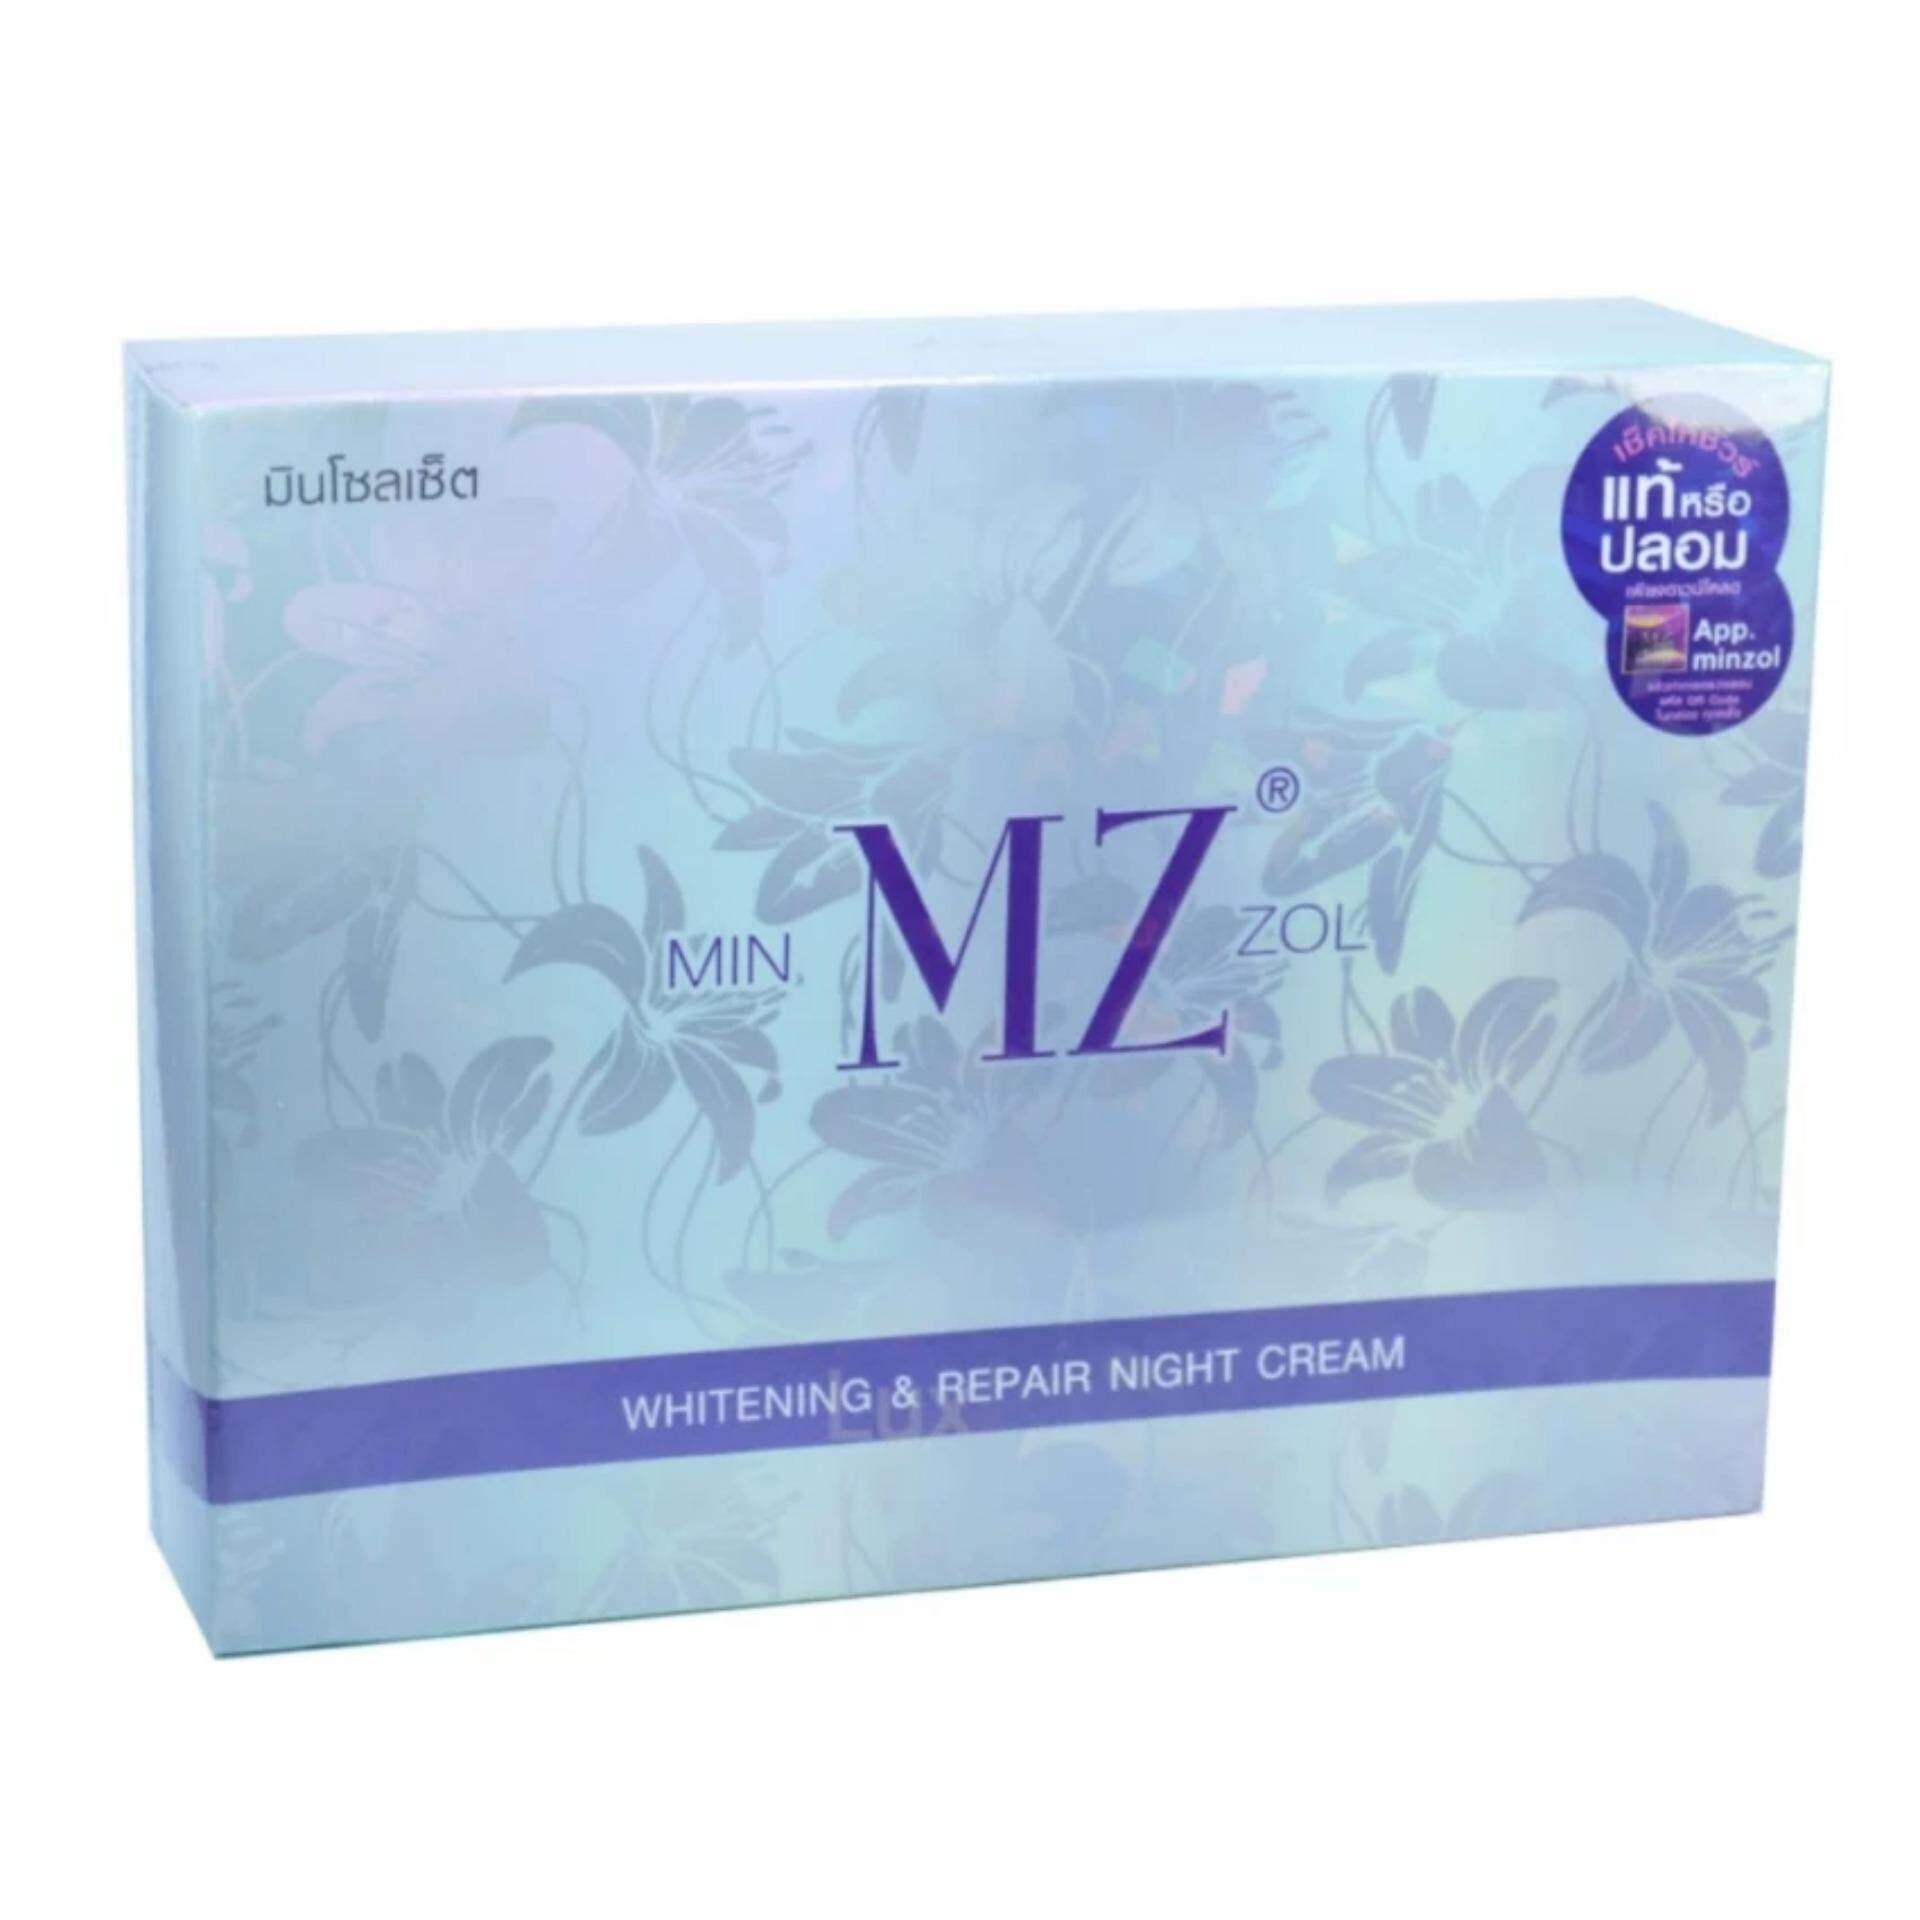 แนะนำ MinZol ครีมมินโซว หน้าขาว กระจ่างใส ไร้สิว x1เซ็ท (ของแท้100%) หน้าขาวขึ้นทันตาเห็น